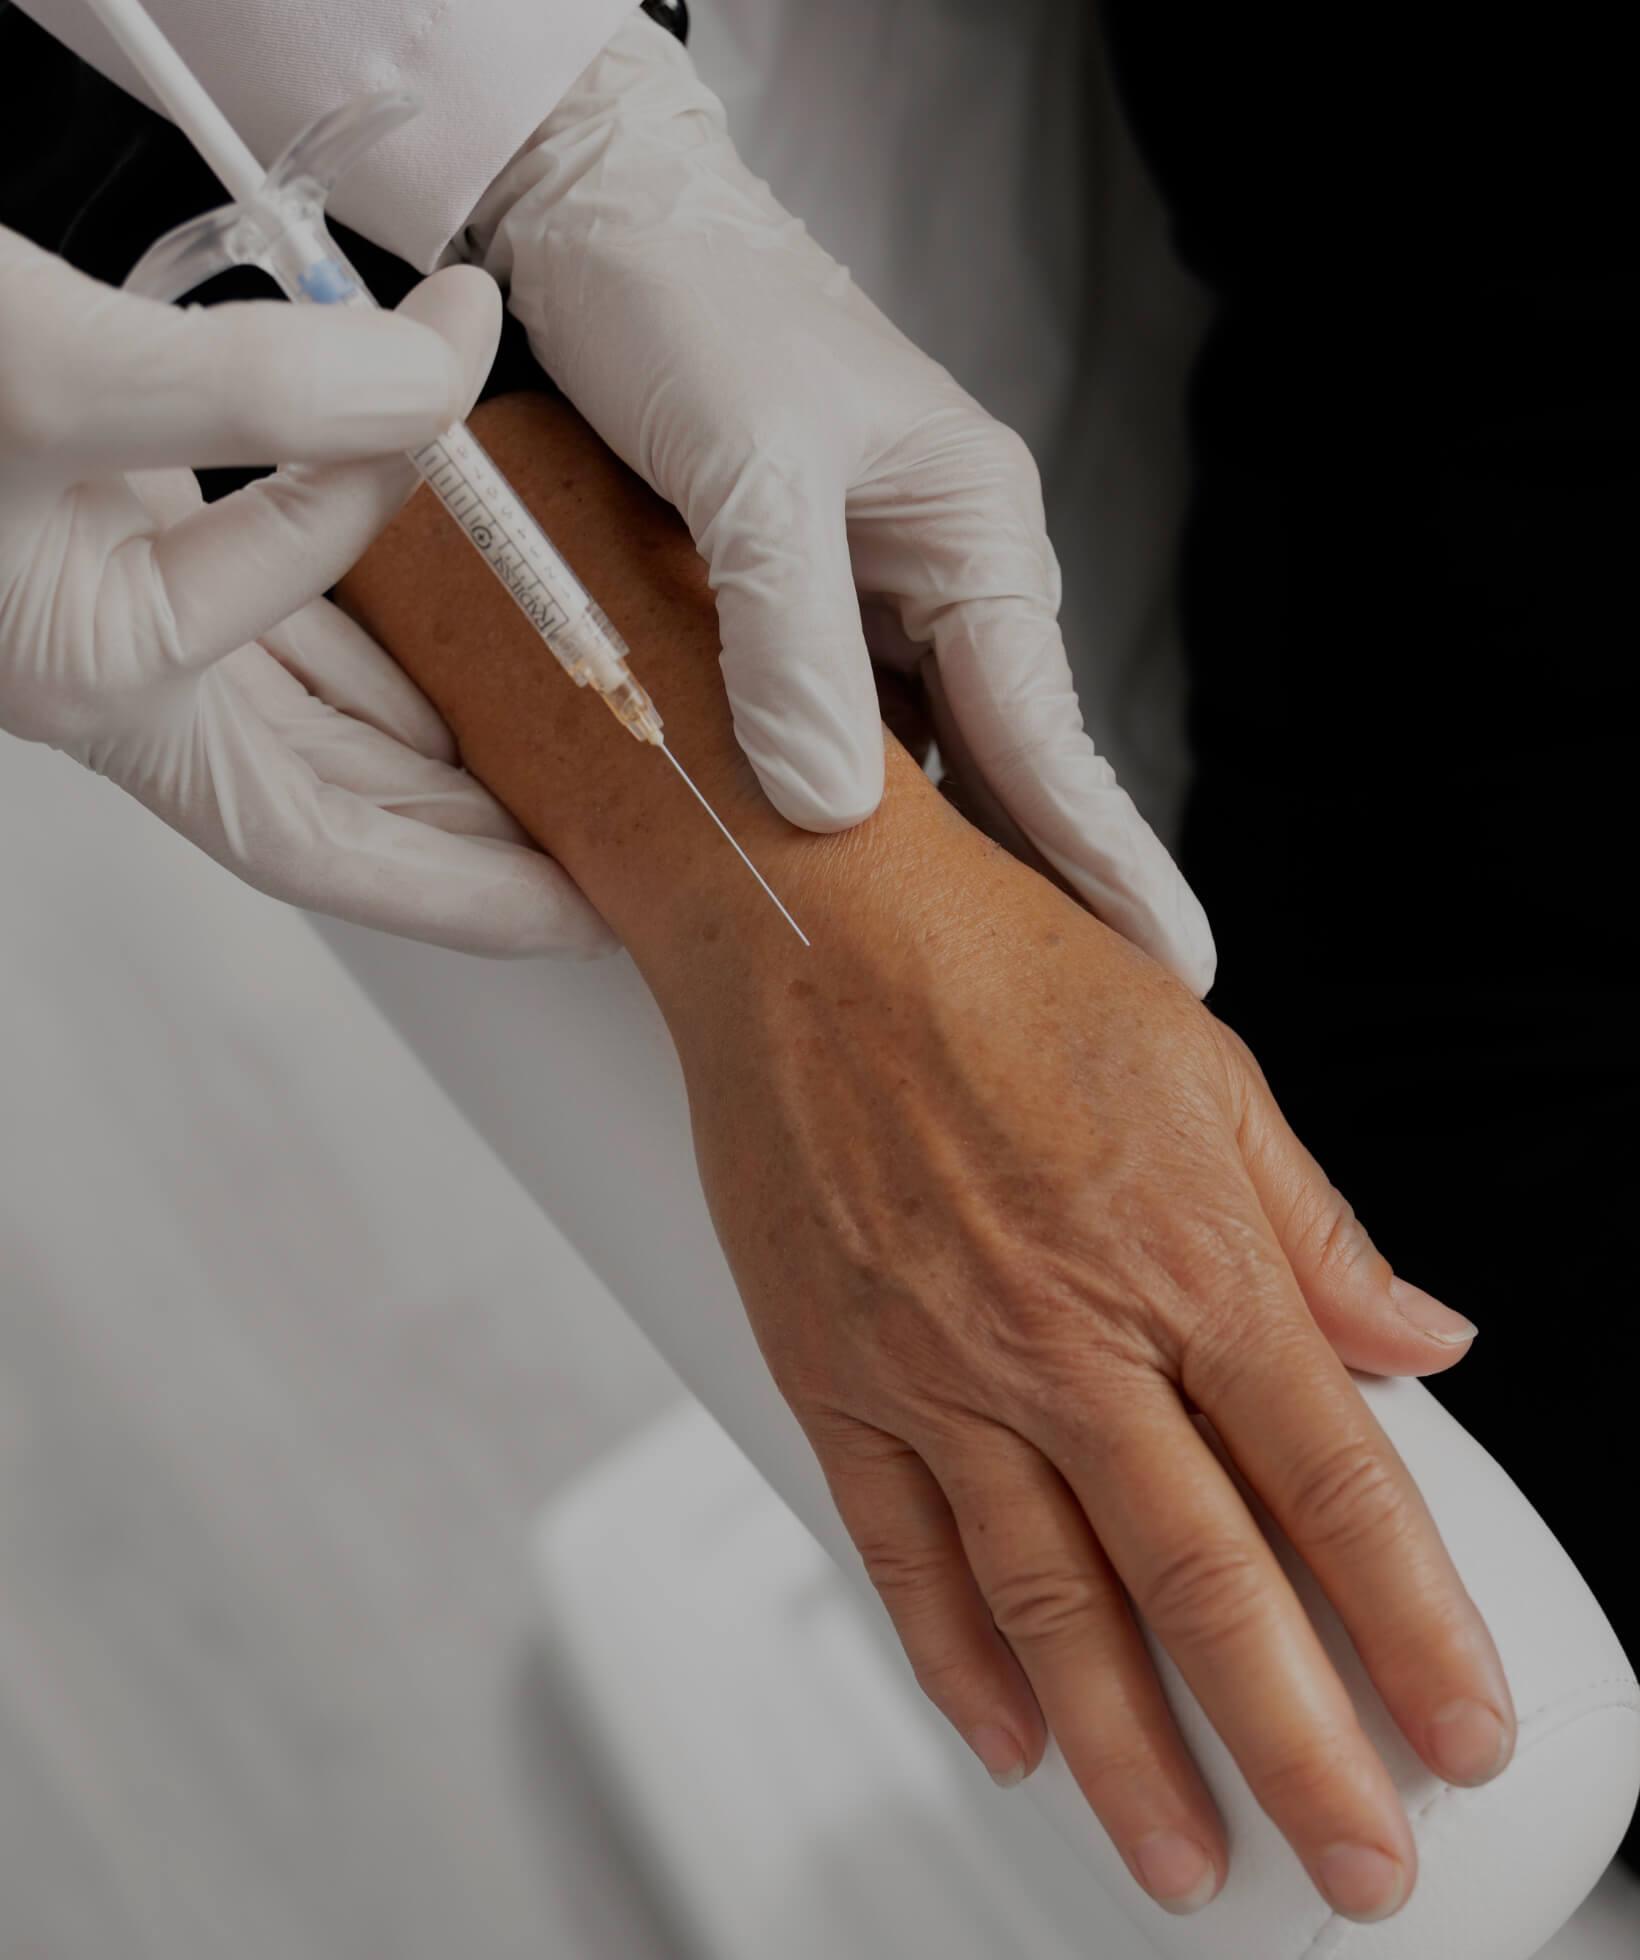 Un médecin de la Clinique Chloé pratiquant des injections de Radiesse dans les mains d'une patiente